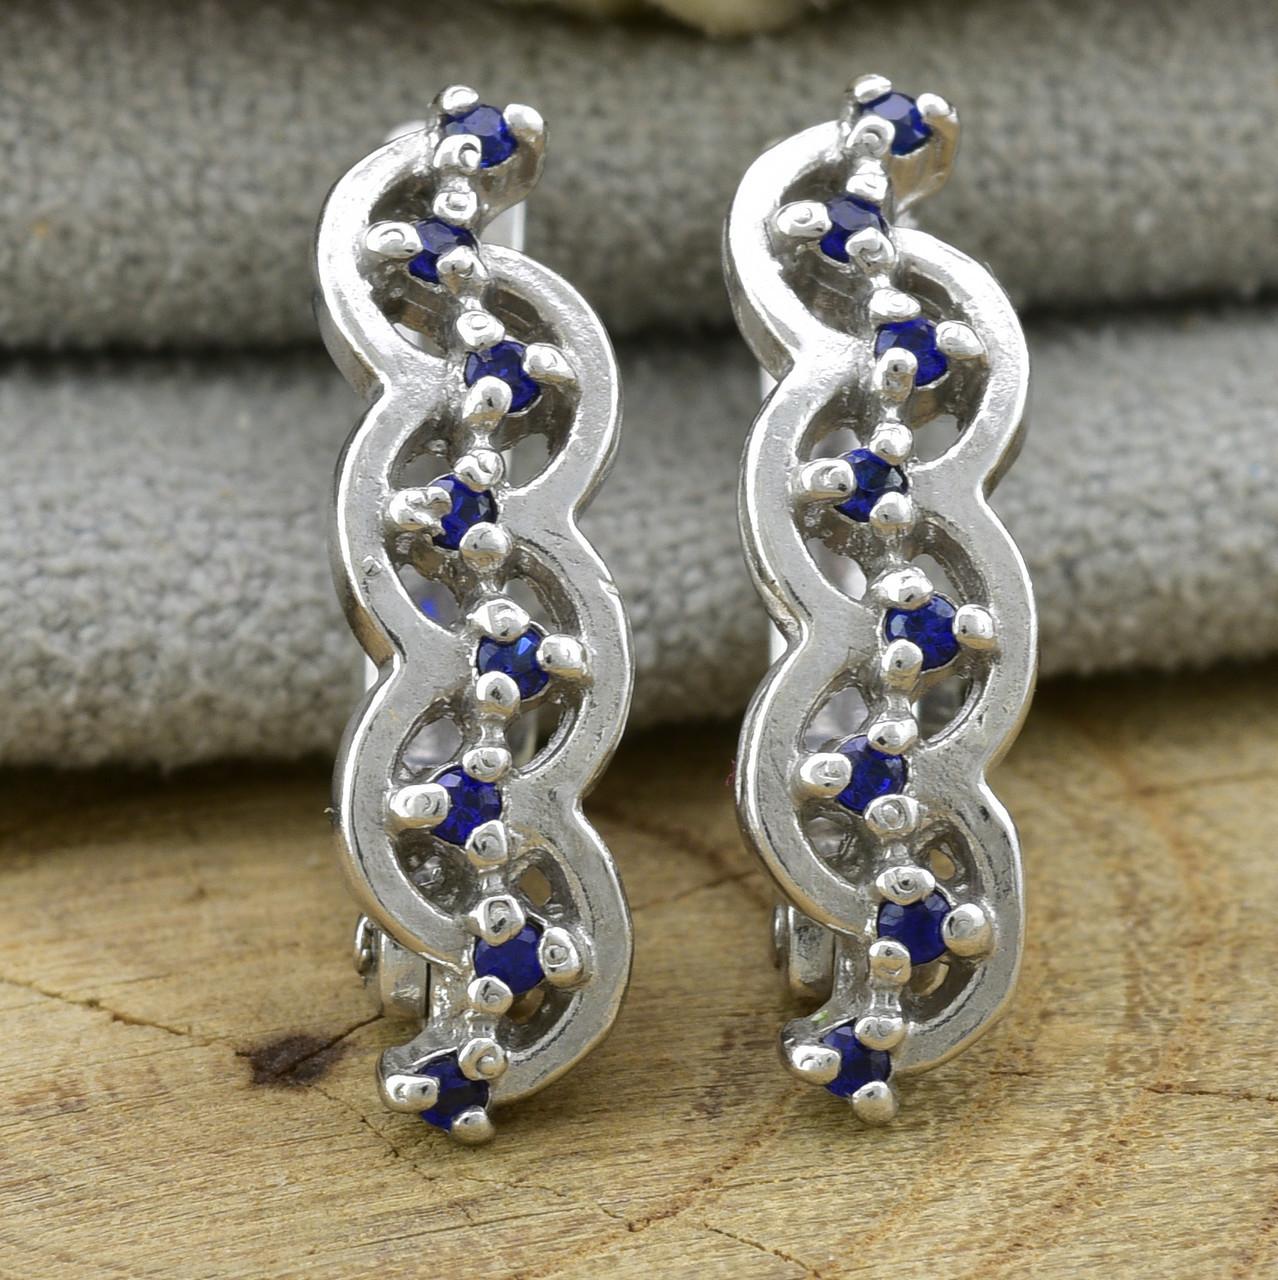 Серебряные серьги Азазель размер 18х5 мм вставка синие фианиты вес 2.95 г